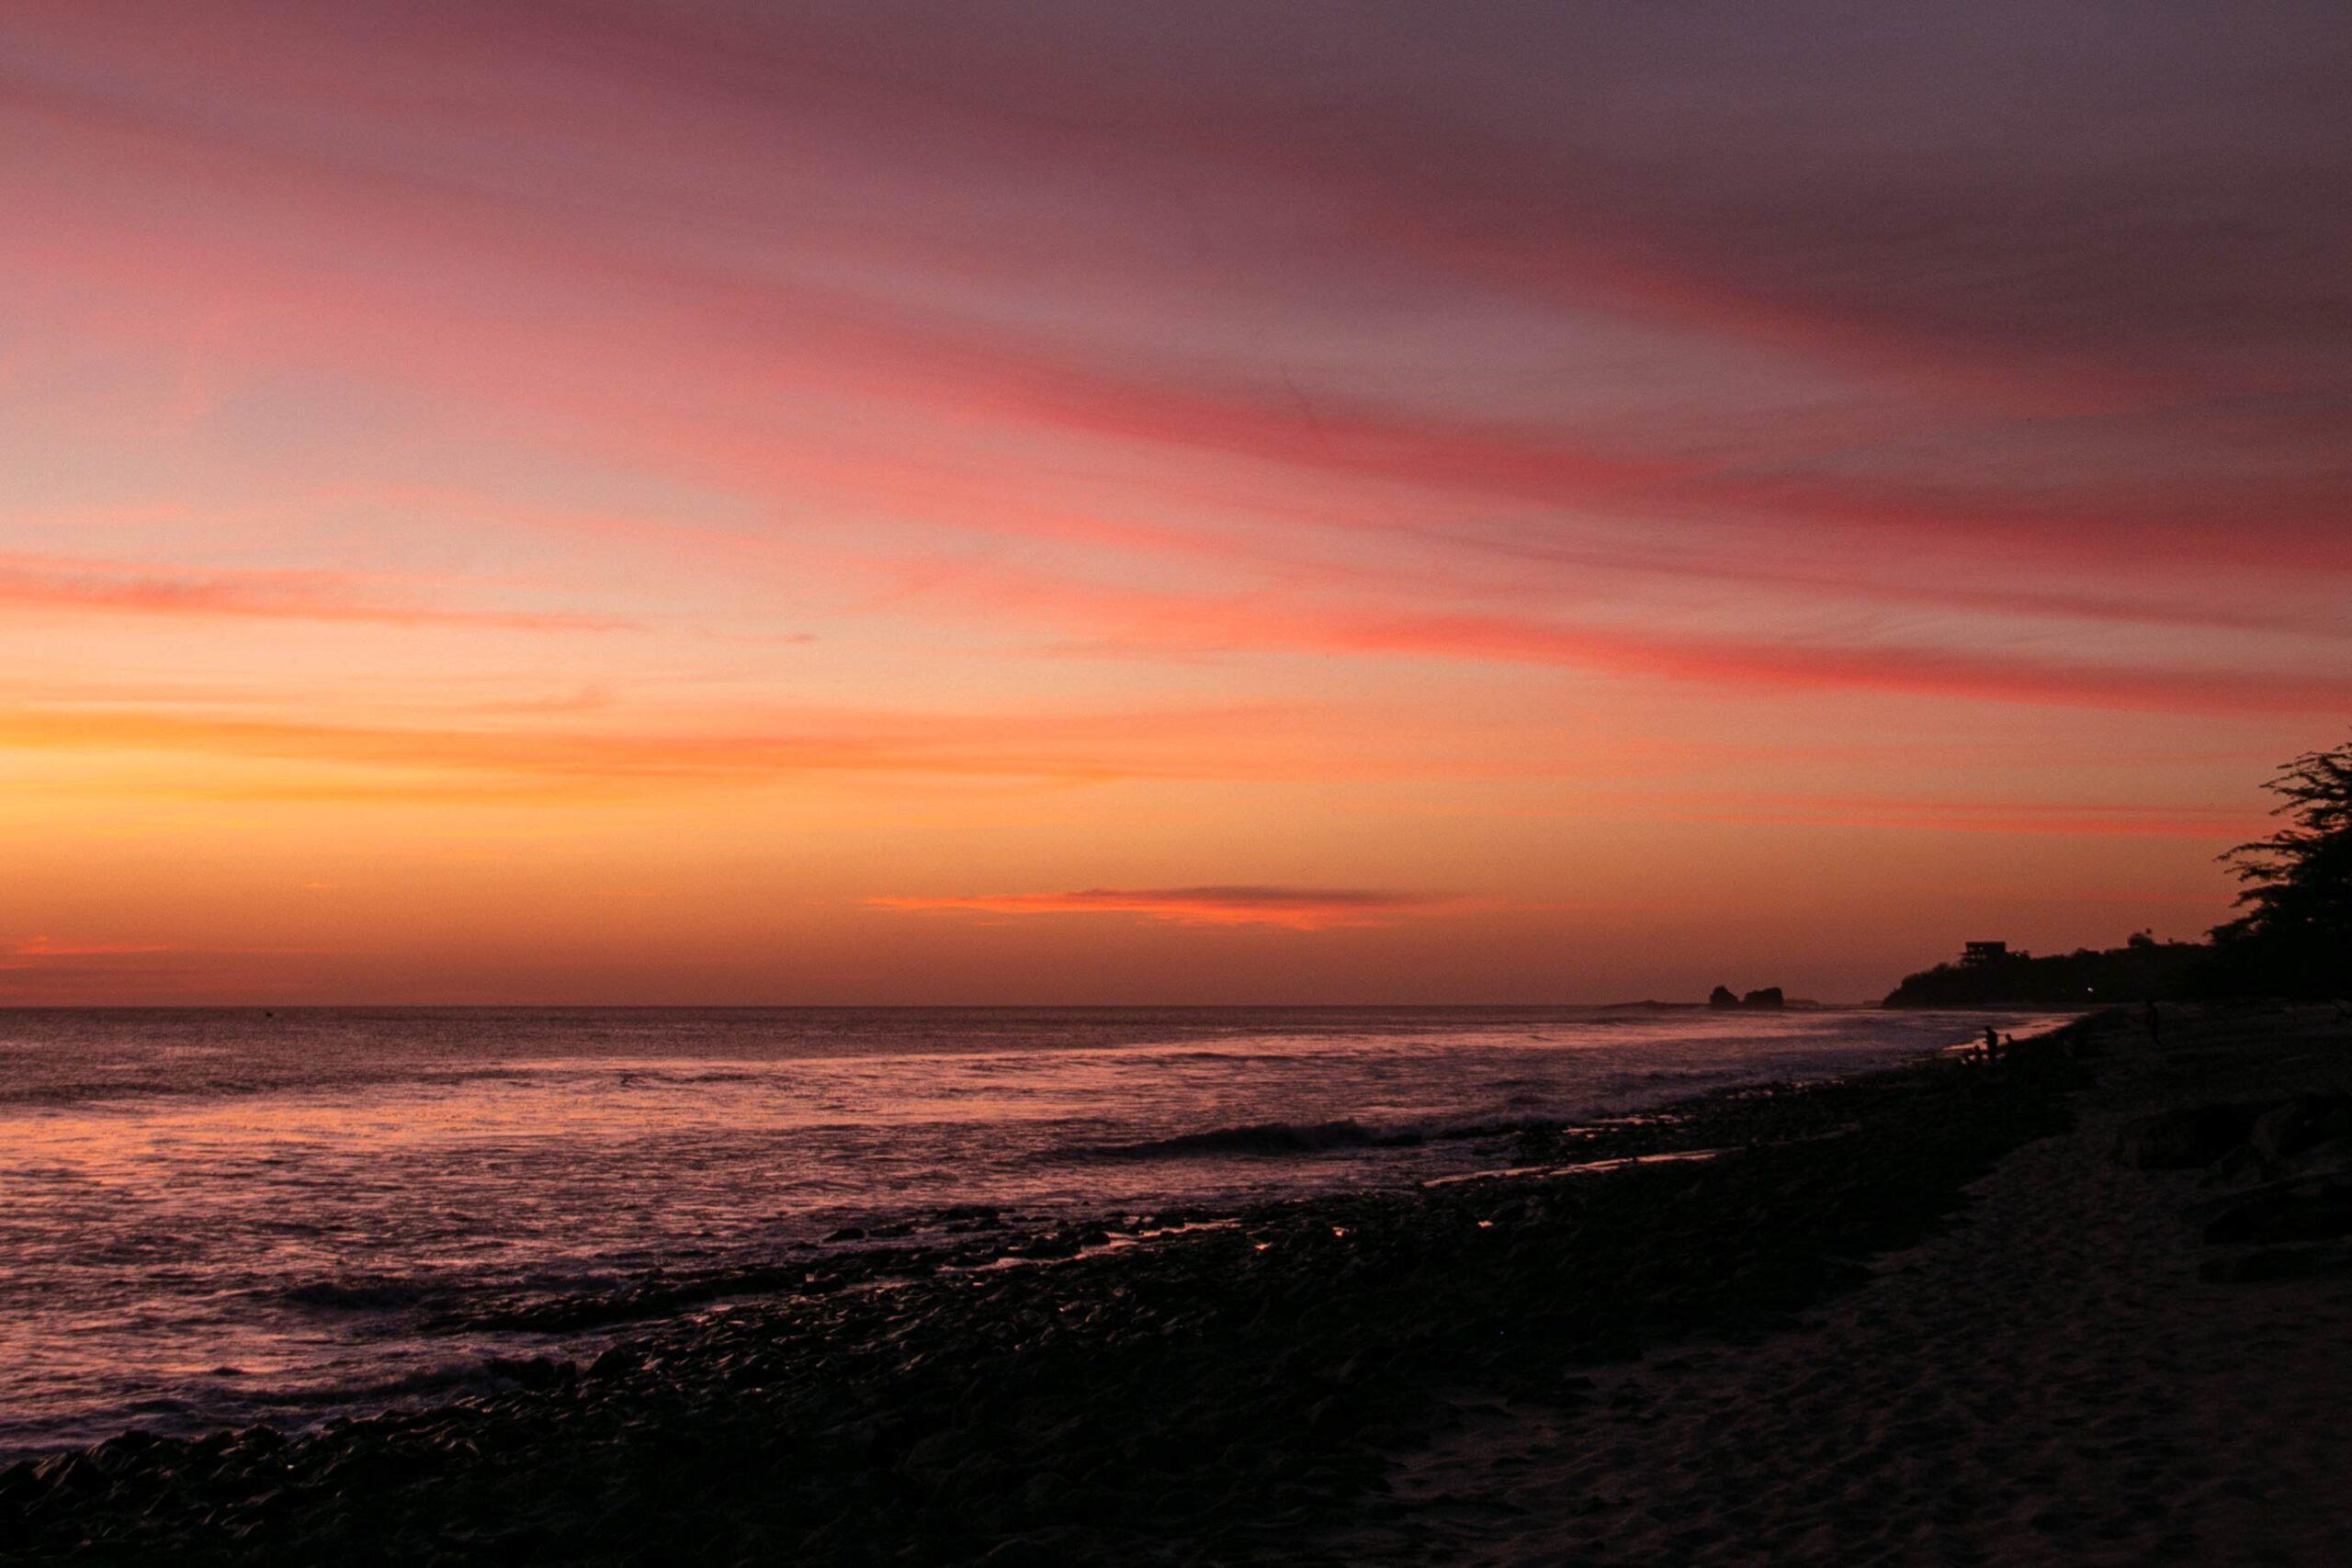 Sunset at Playa Santana Nicaragua